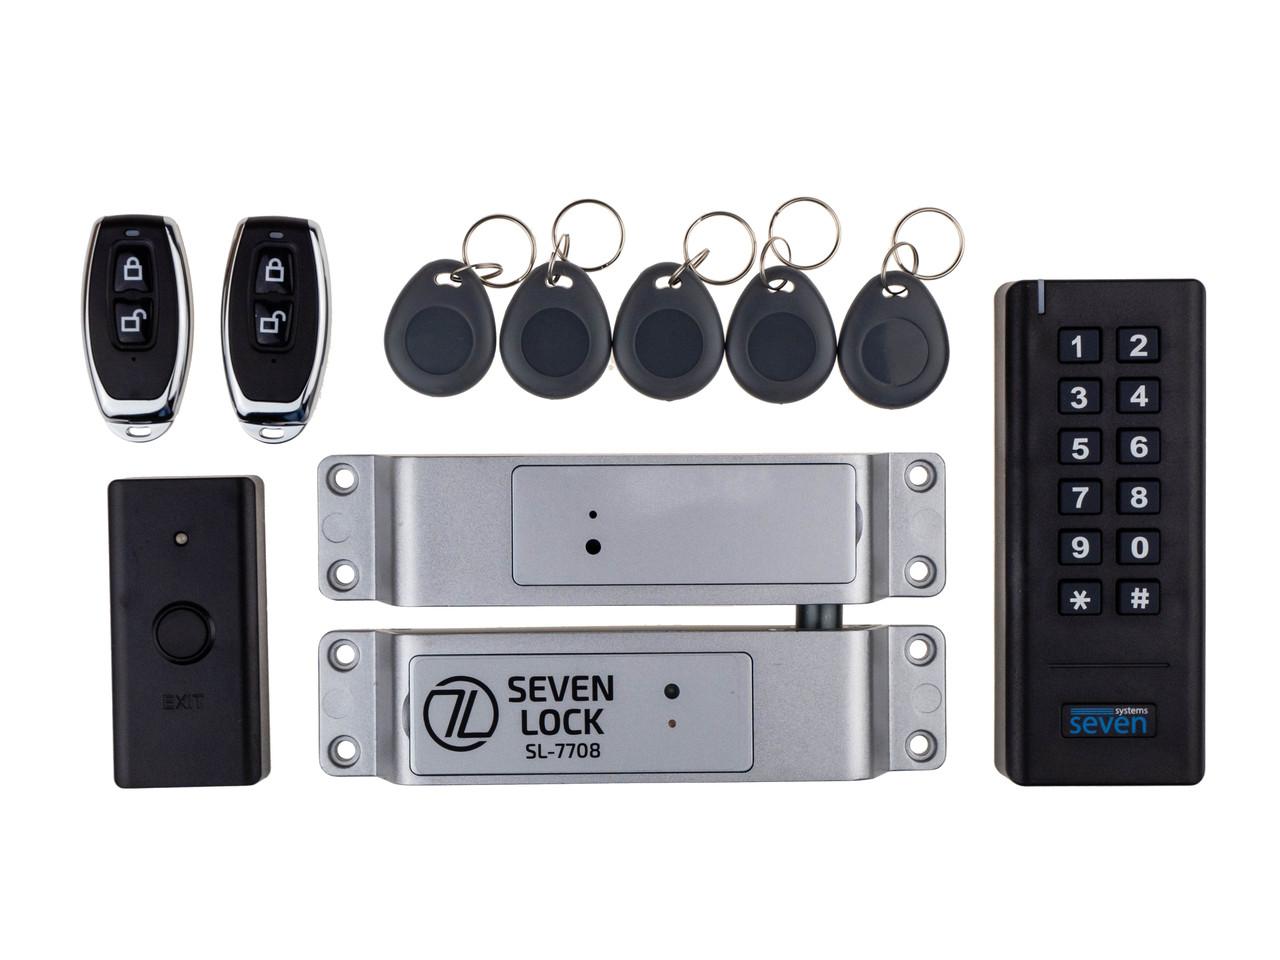 Беспроводной комплект контроля доступа SEVEN LOCK SL-7708r